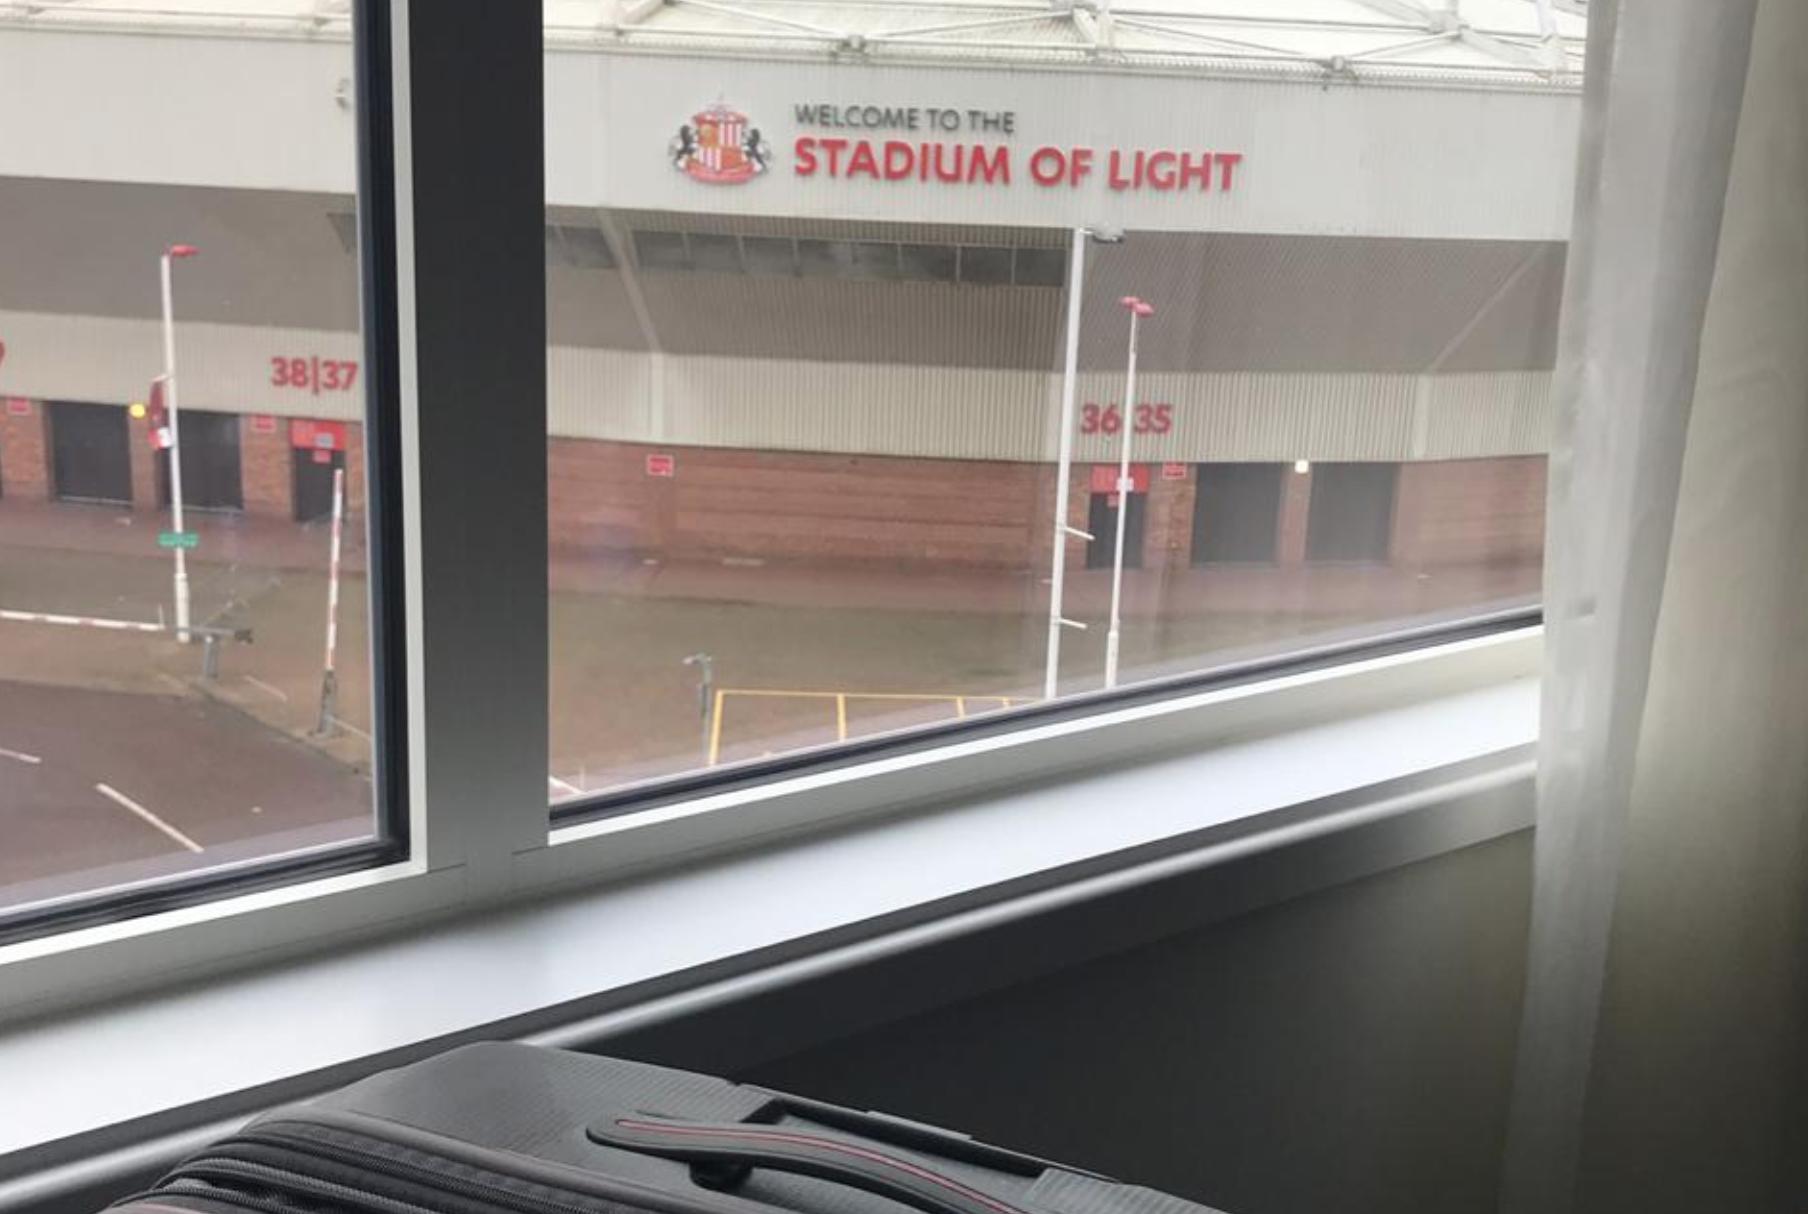 Stadium of Light / Myron Naicker